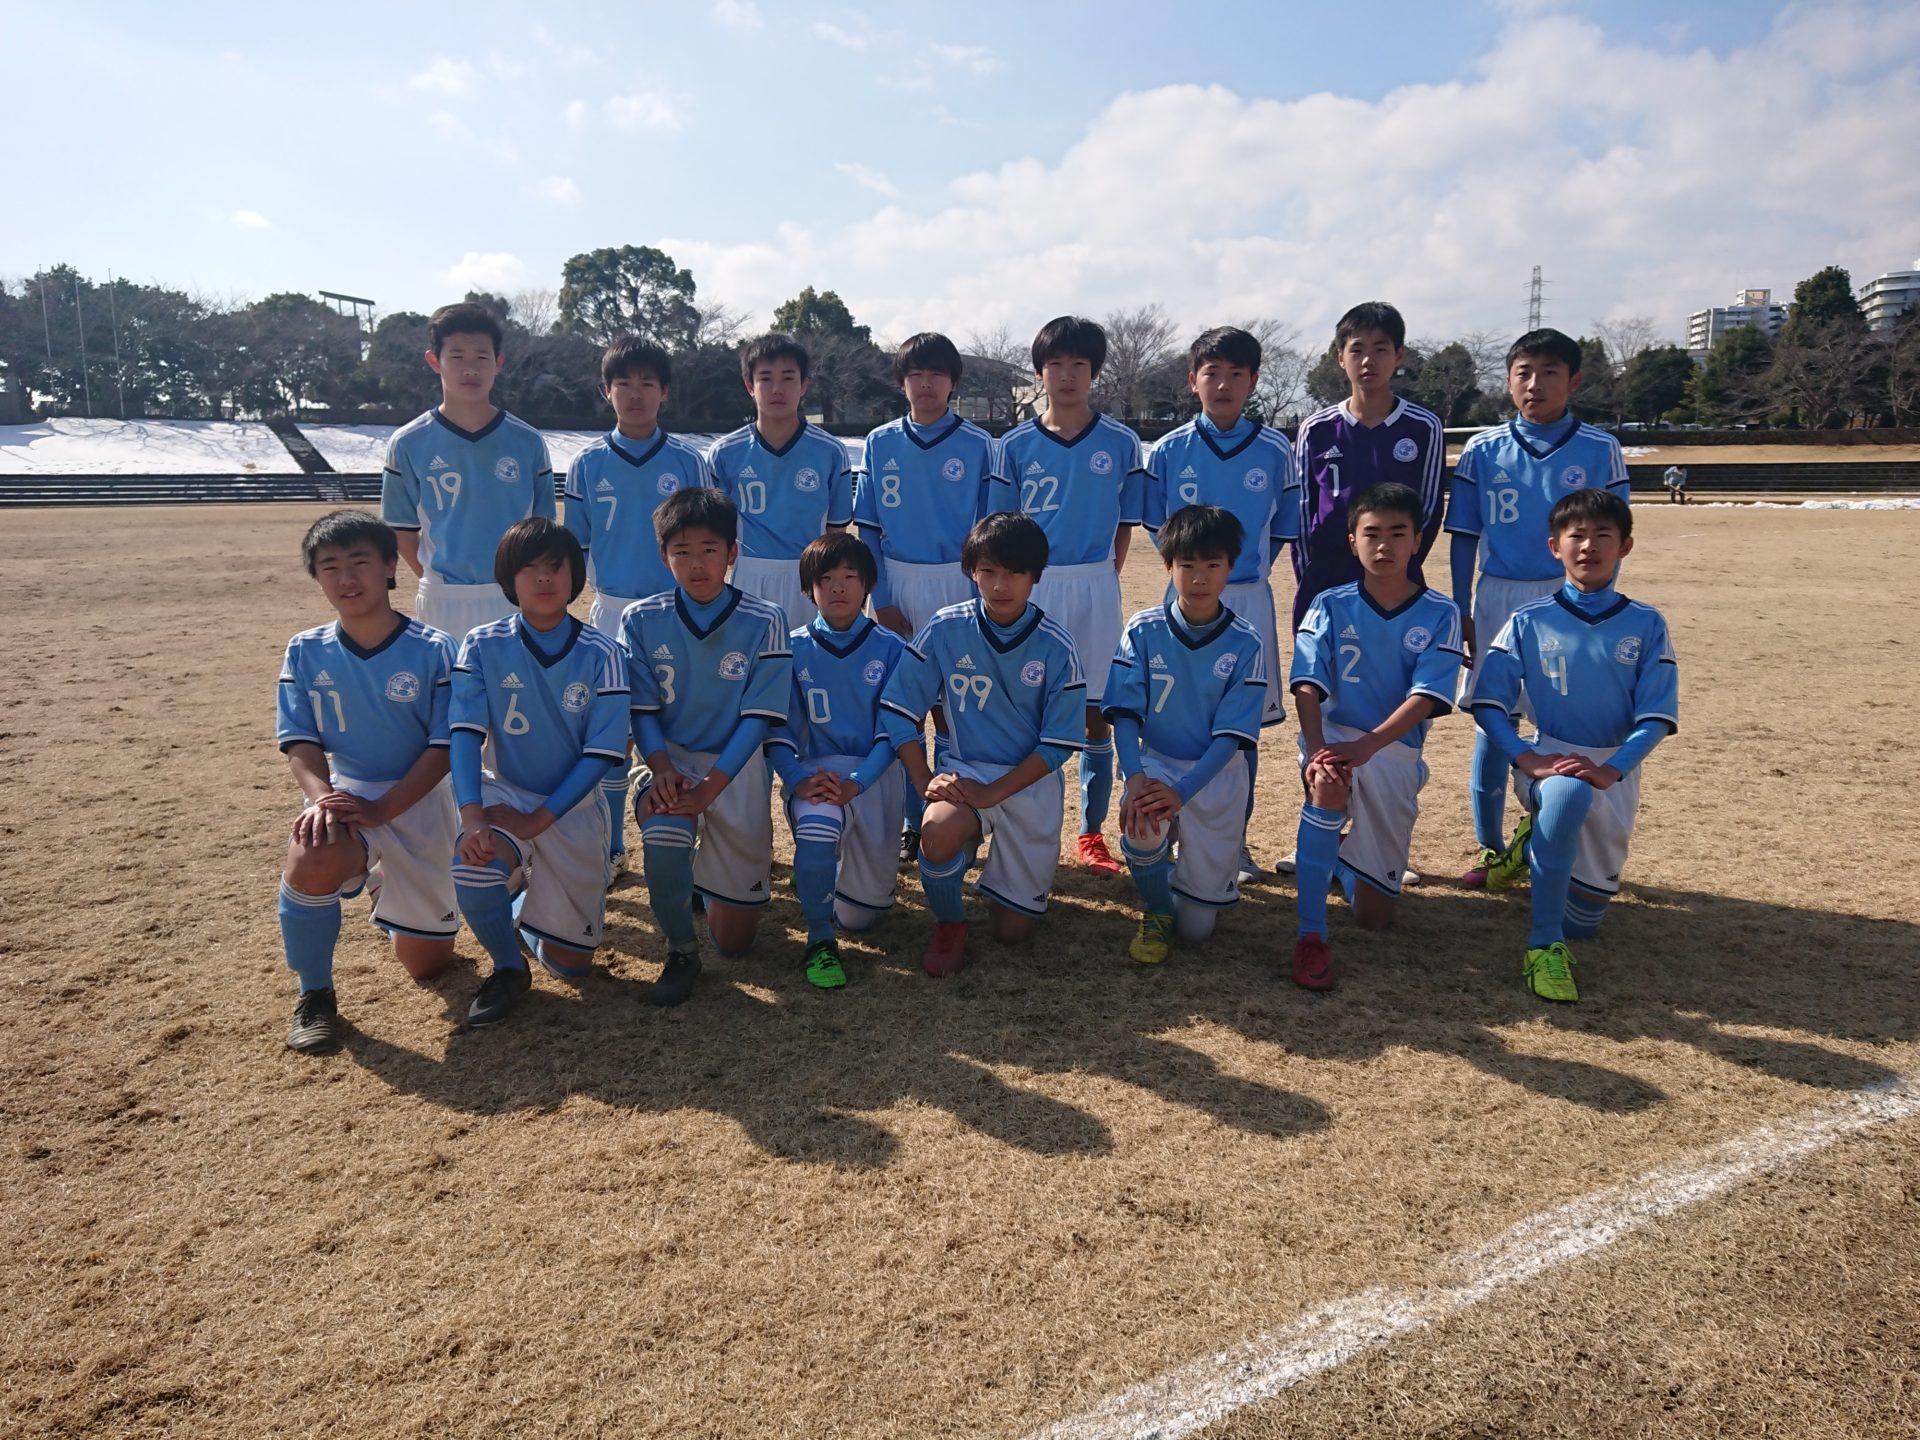 第5回稲城招待 vs 東京小山FC・AC等々力